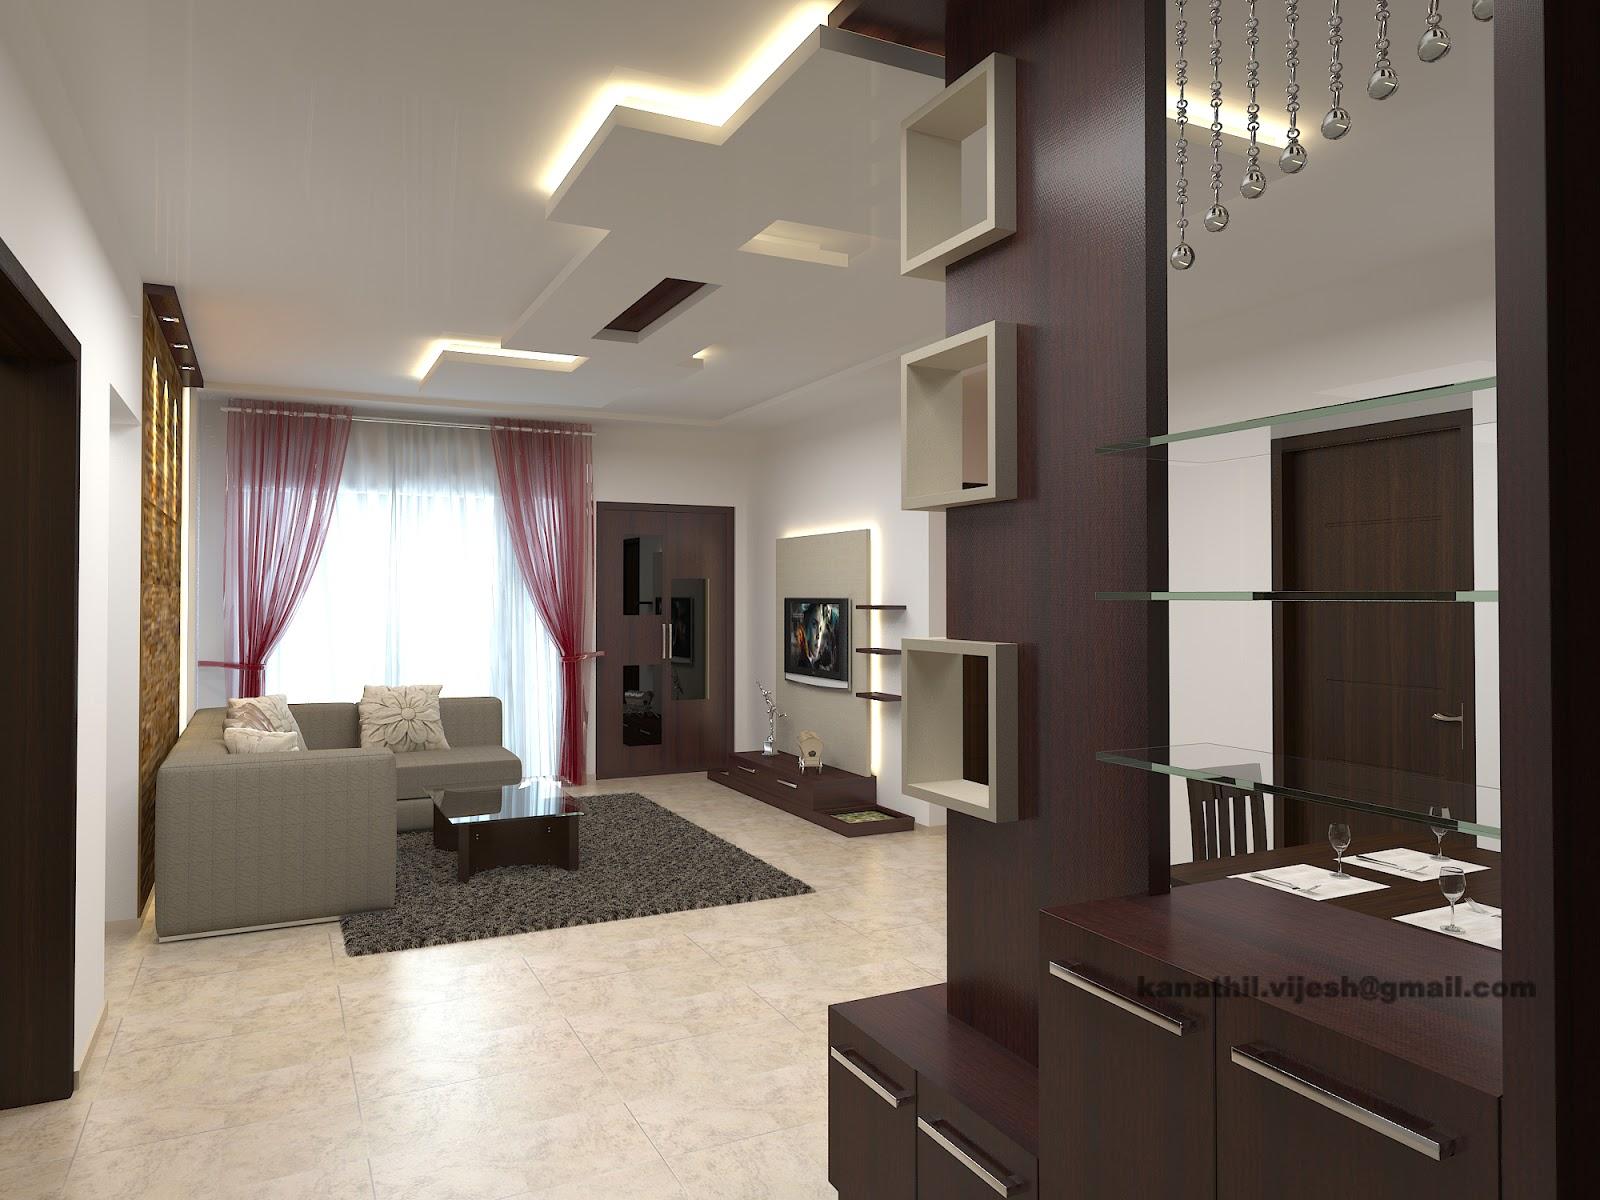 Tv In Bedroom Ideas Viju S World Work For Bonito Designs Bangalore